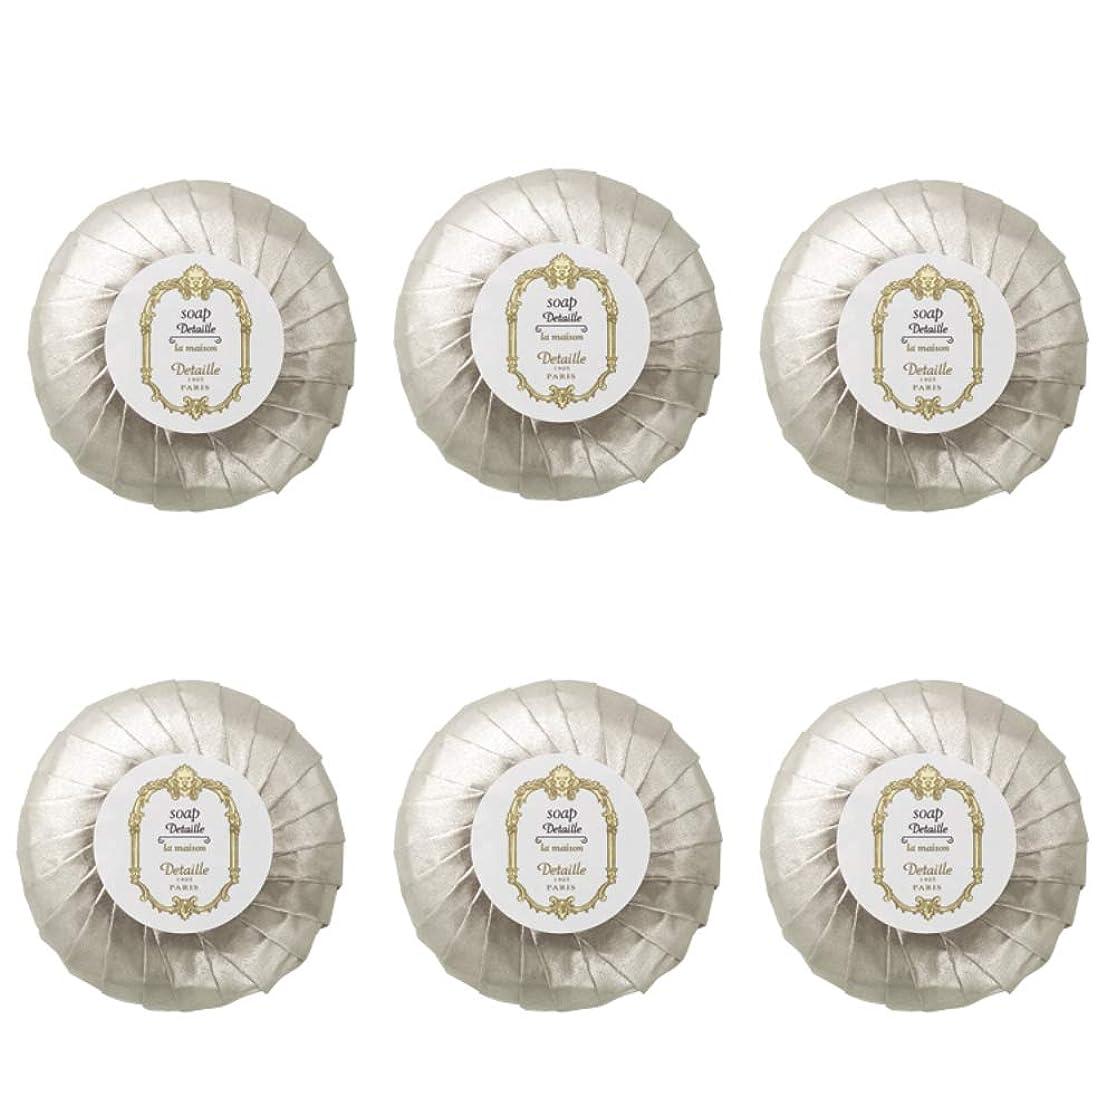 深遠叱る本部POLA デタイユ ラ メゾン スキンソープ 固形石鹸 (プリーツ包装) 50g×6個